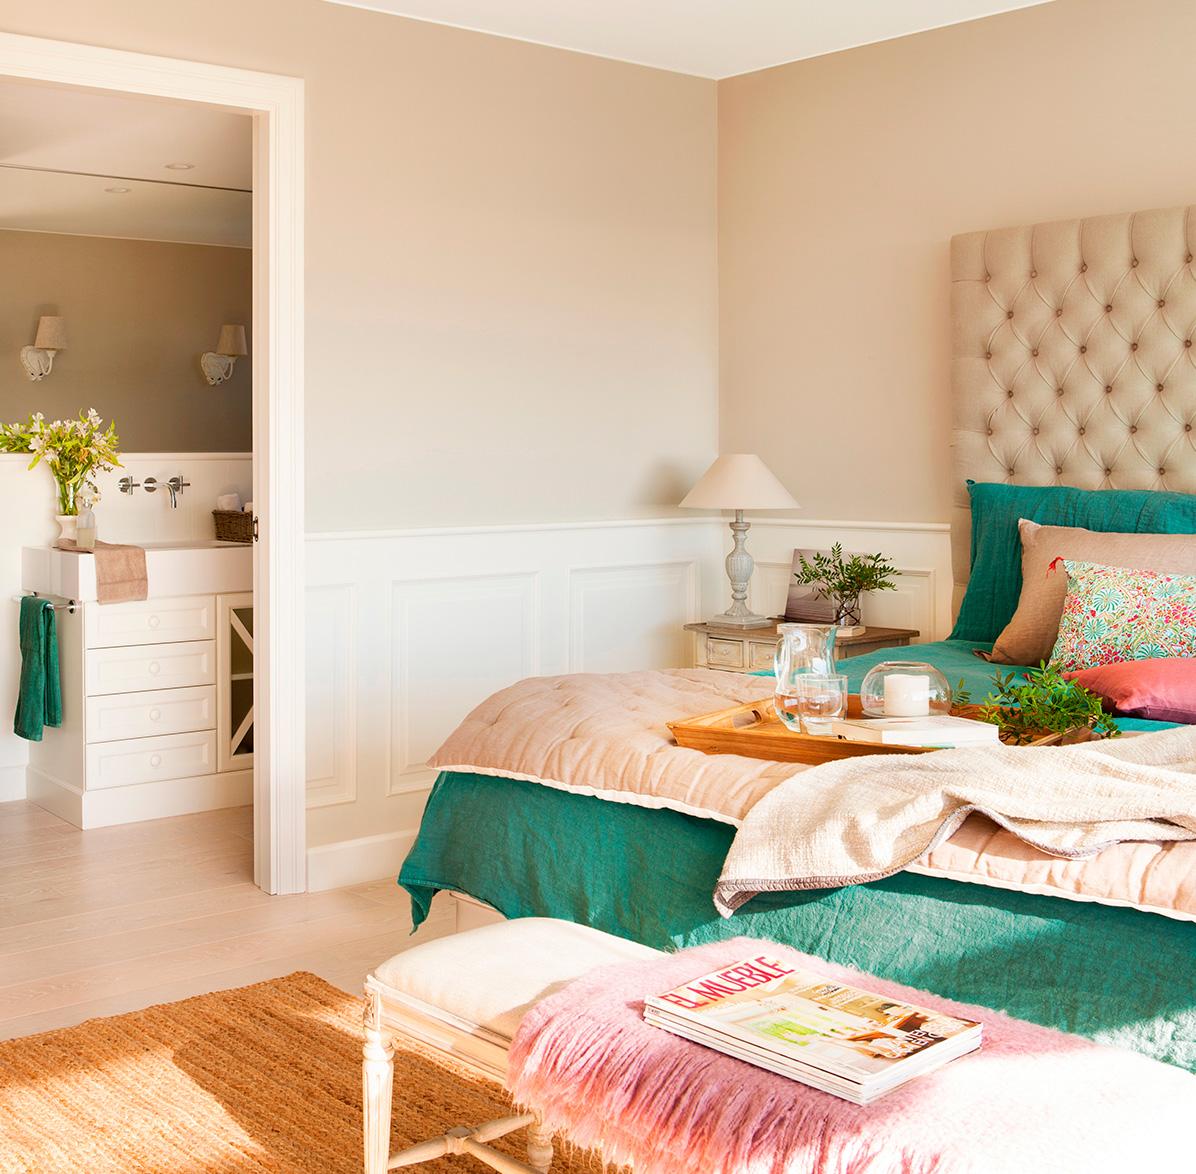 El primer proyecto de dise o de la mujer de andr s iniesta - Dormitorio verde ...